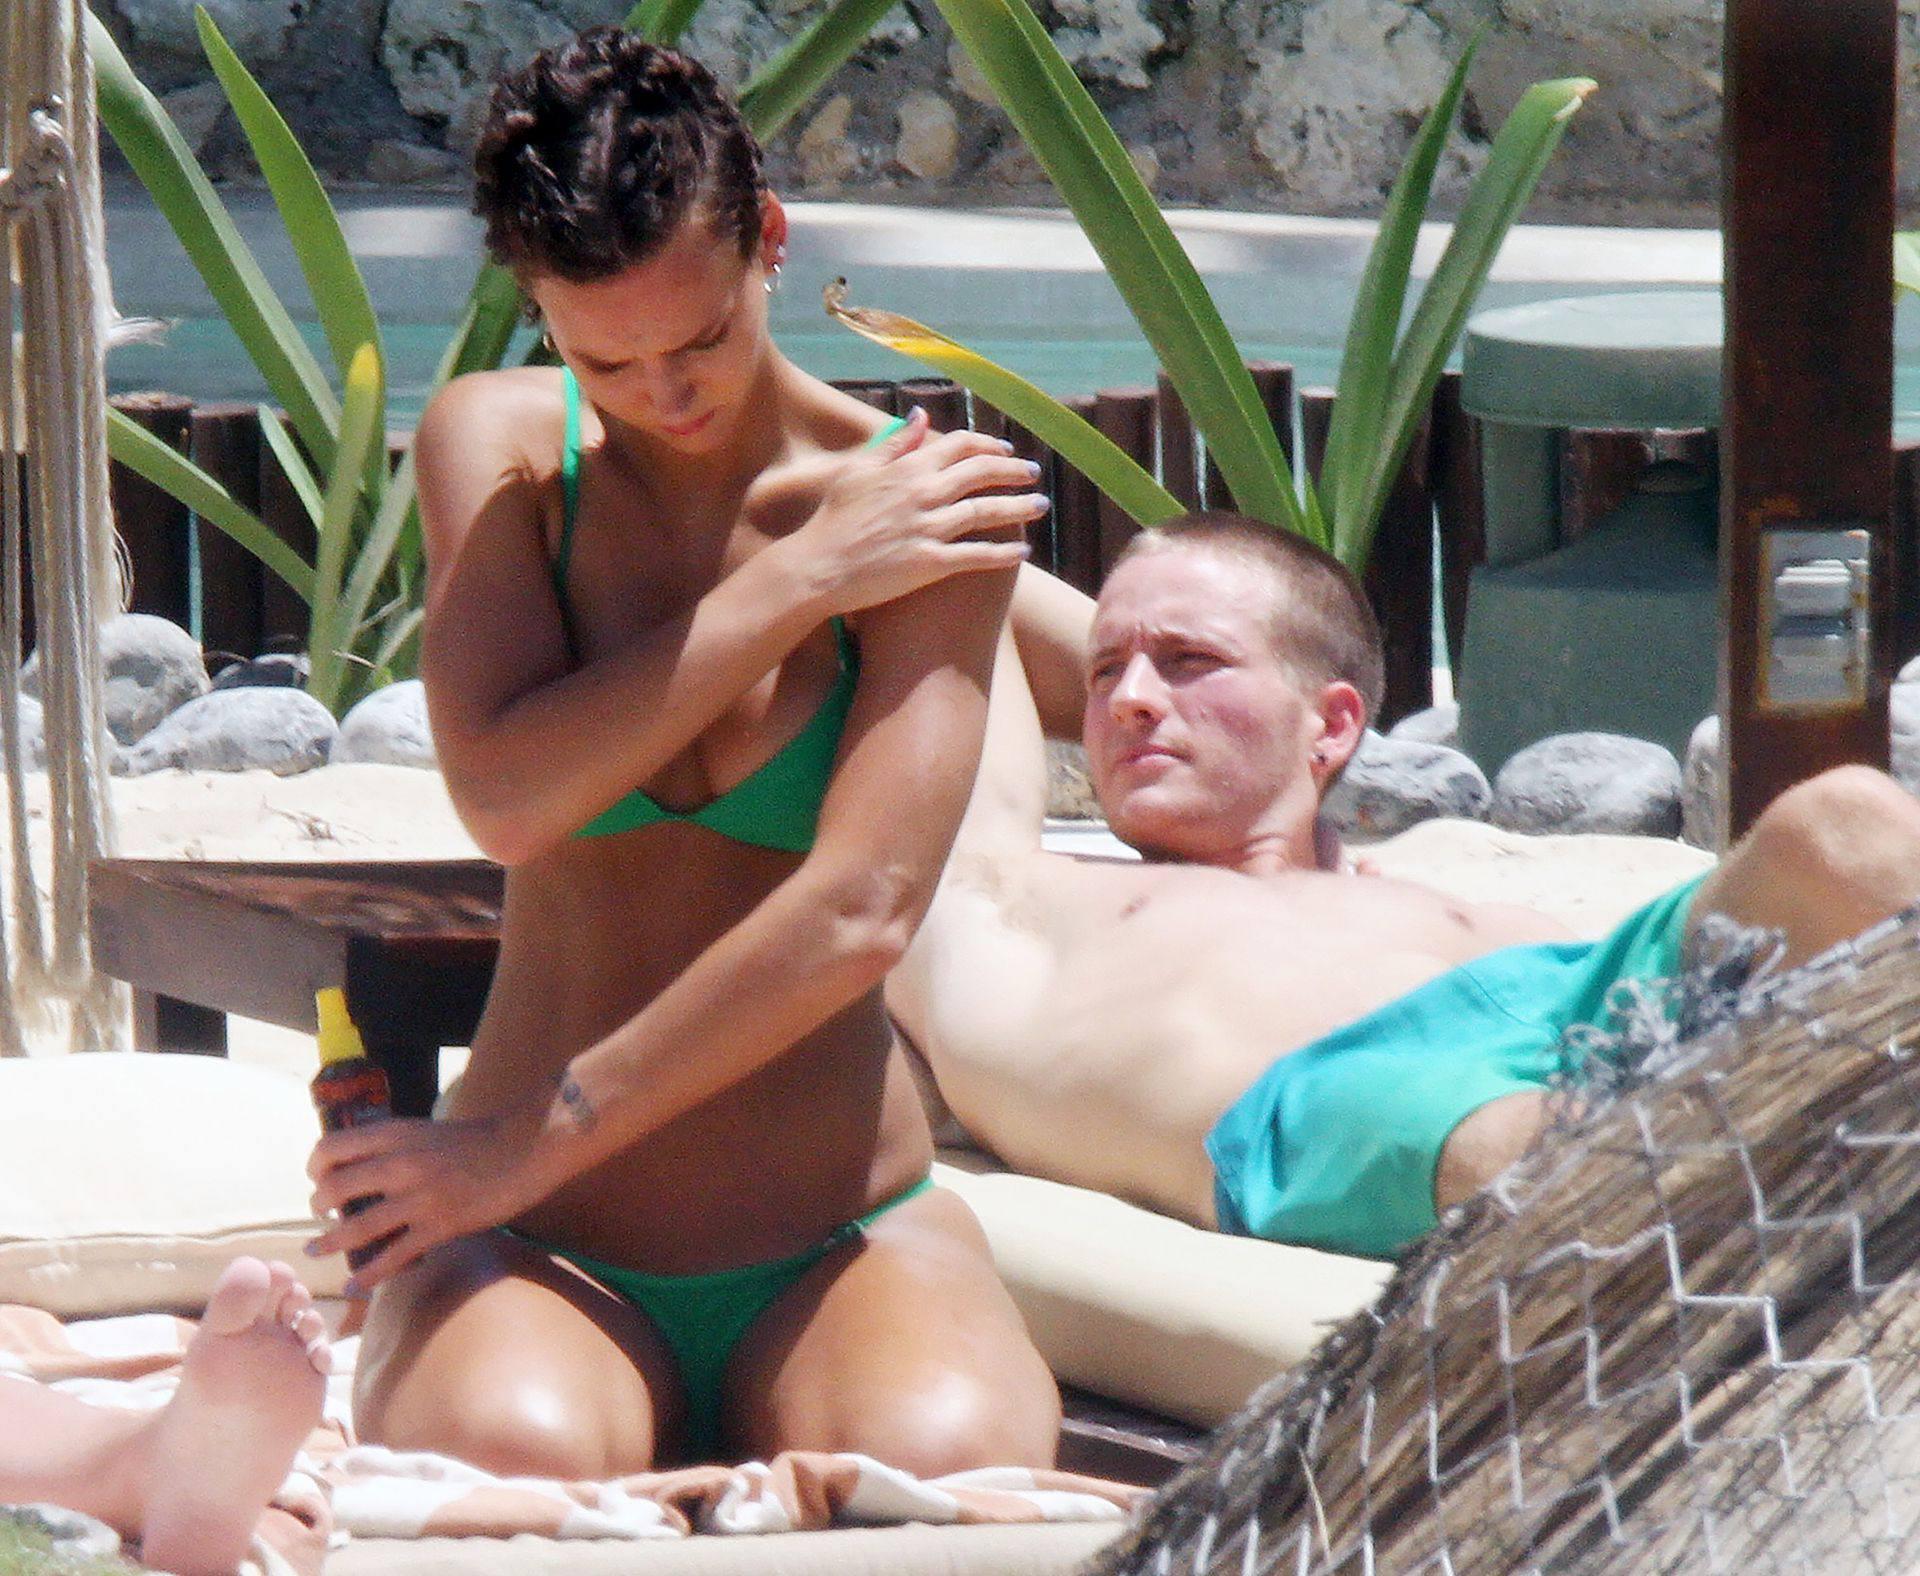 Rachel Cook – Sexy Ass And Boobs In Small Bikini In Tulum 0025